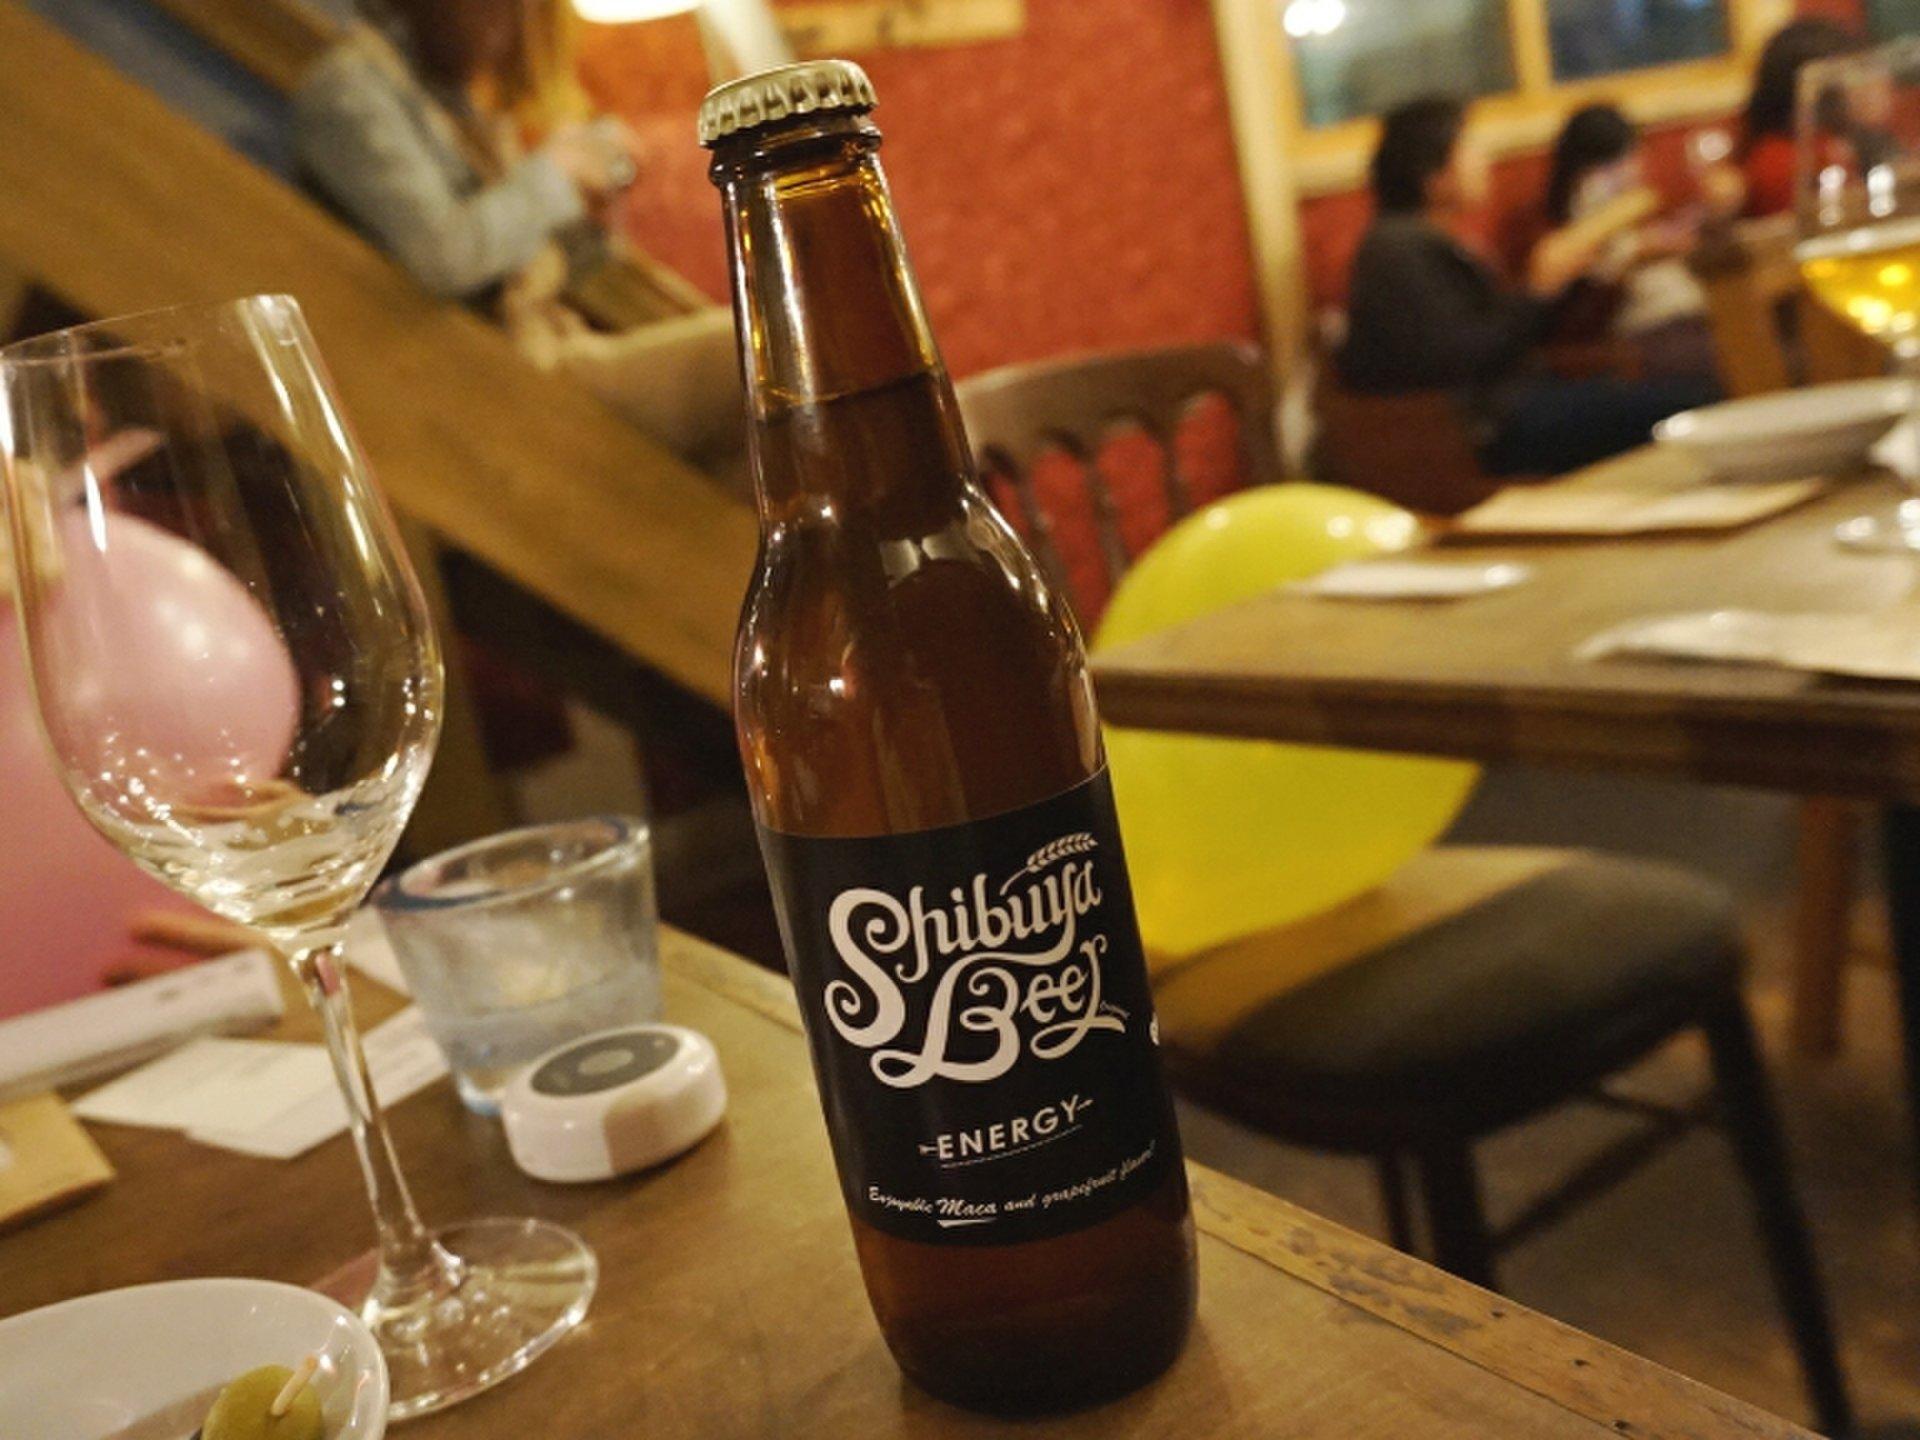 元祖「夜カフェ」の宇田川カフェが手がける、渋谷発地ビールを楽しむプラン♪